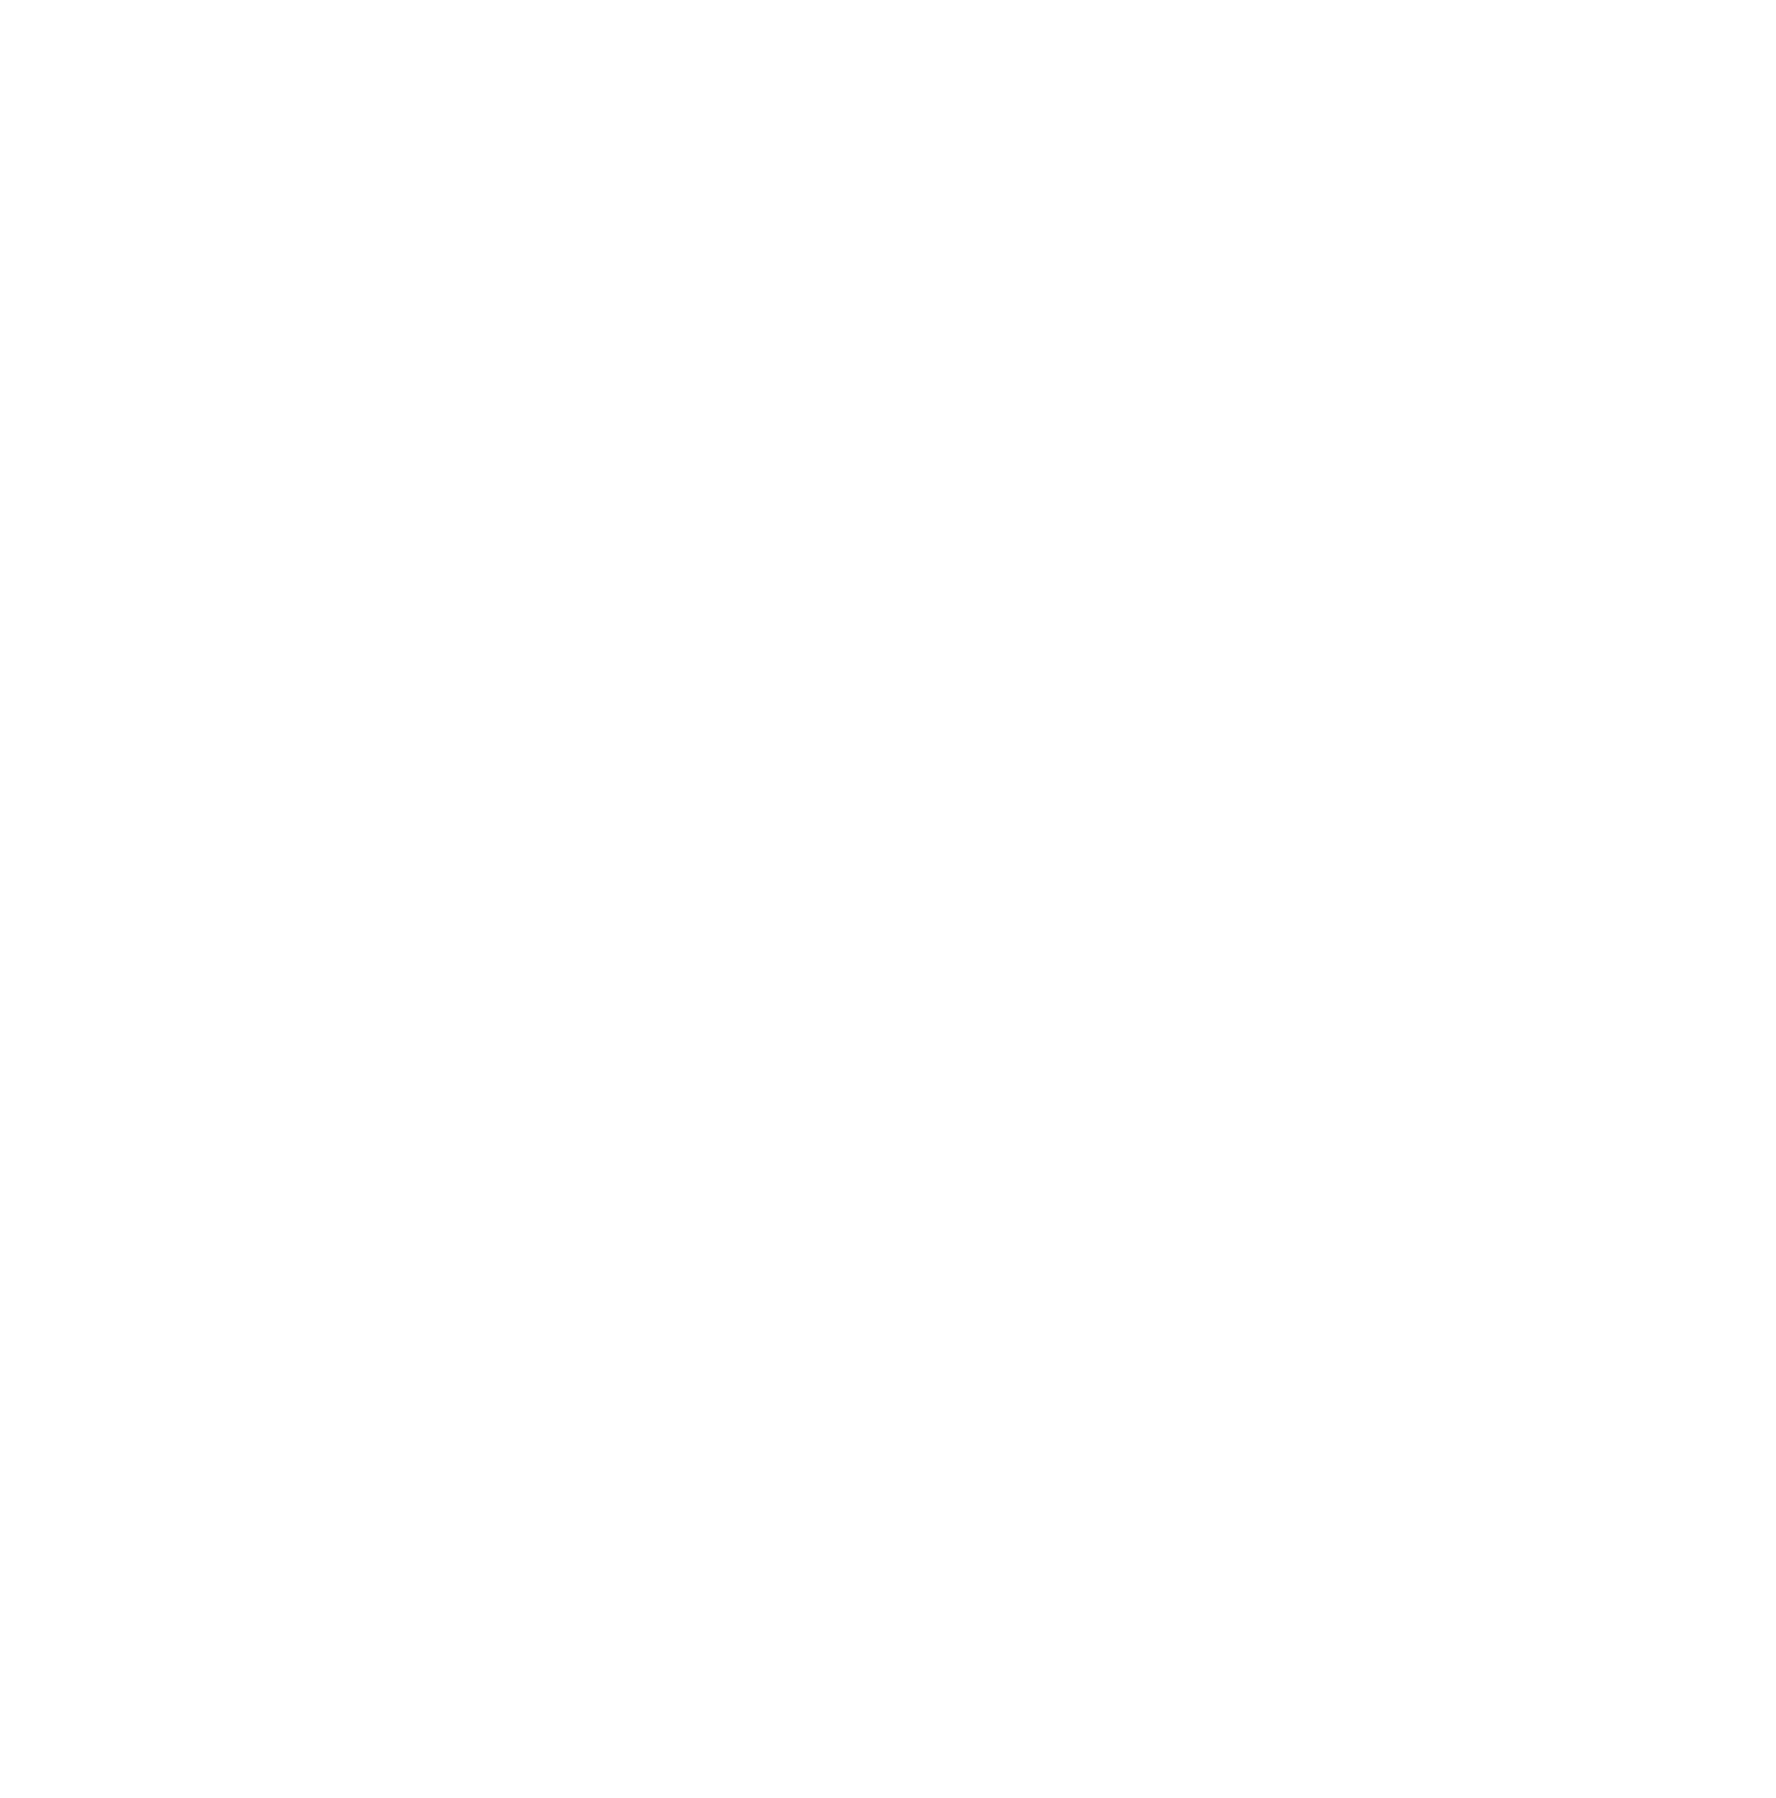 Fabio Franca